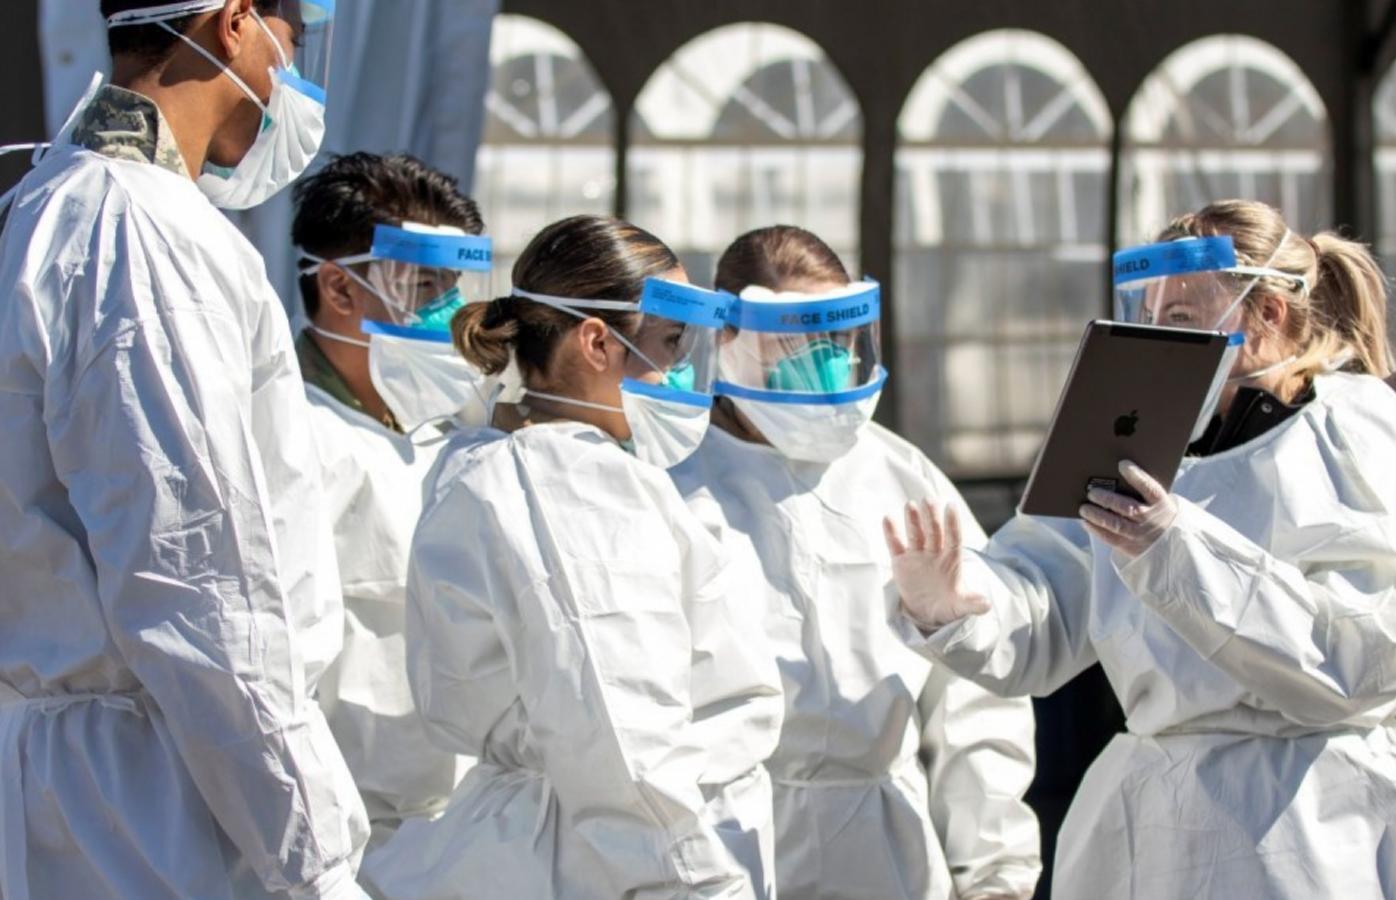 Врач рассказал, когда остановится рост новых случаев заражения коронавирусом - новости Афанасий